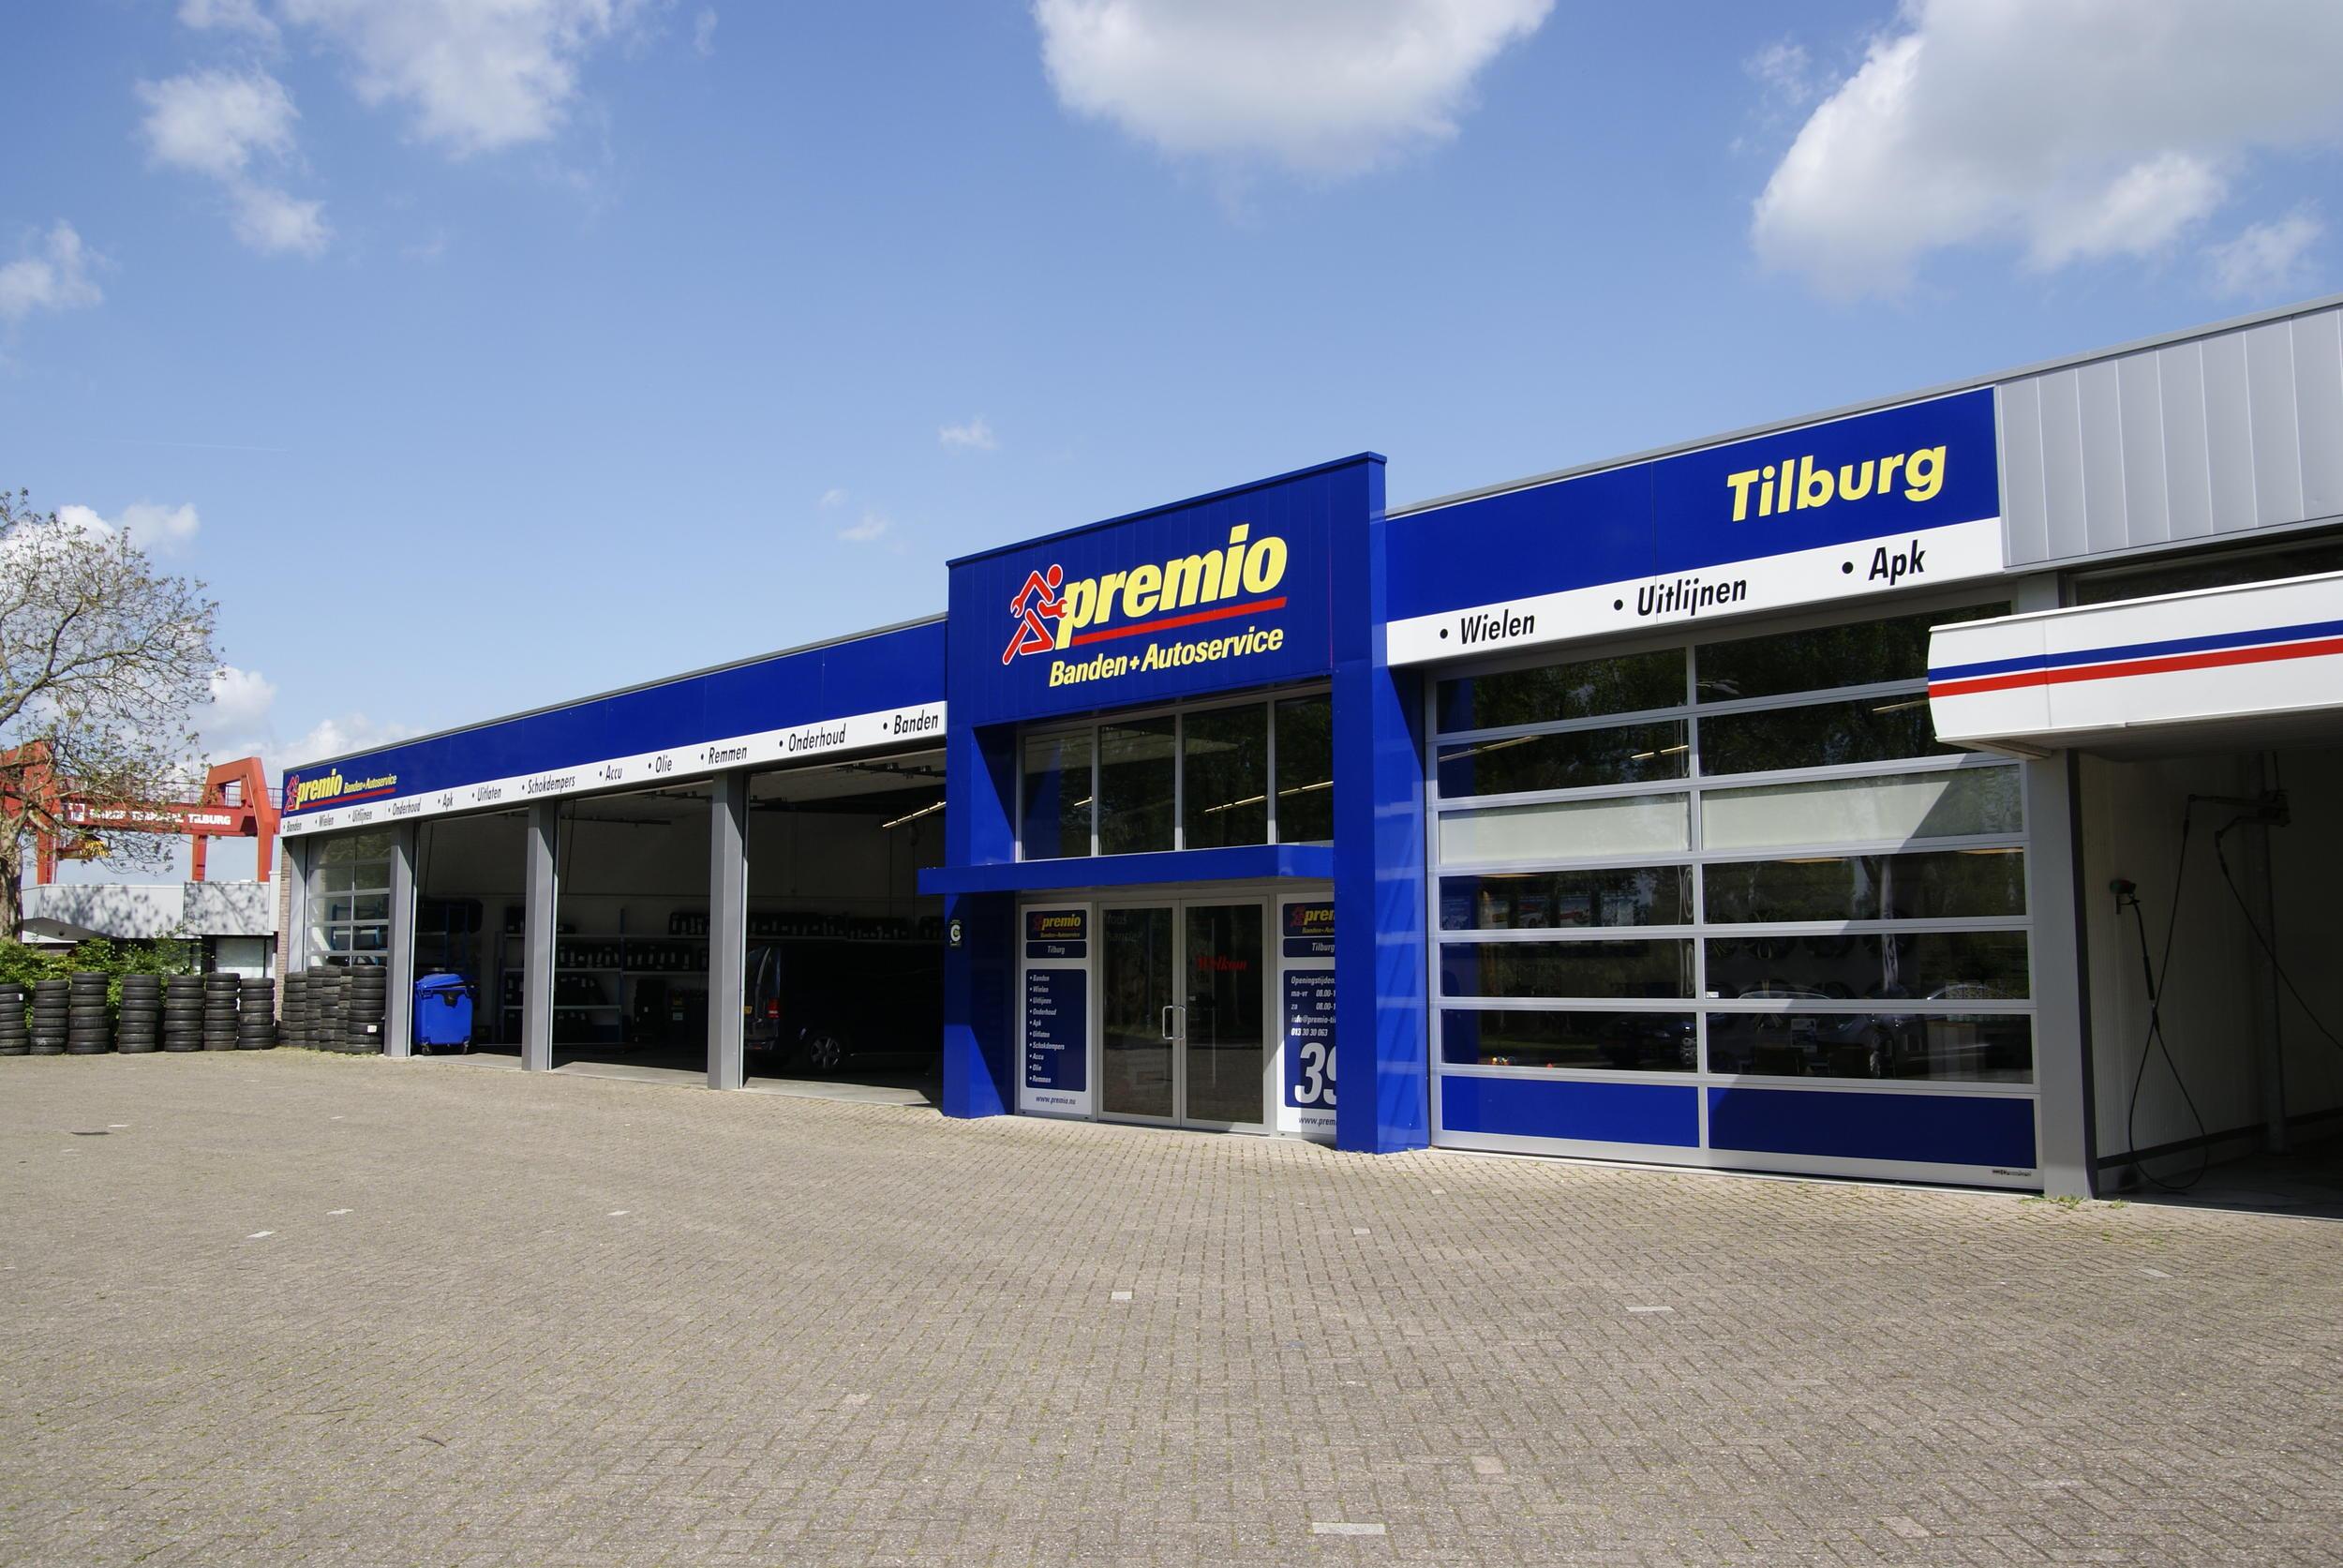 Premio Banden En Autoservice Tilburg Premio